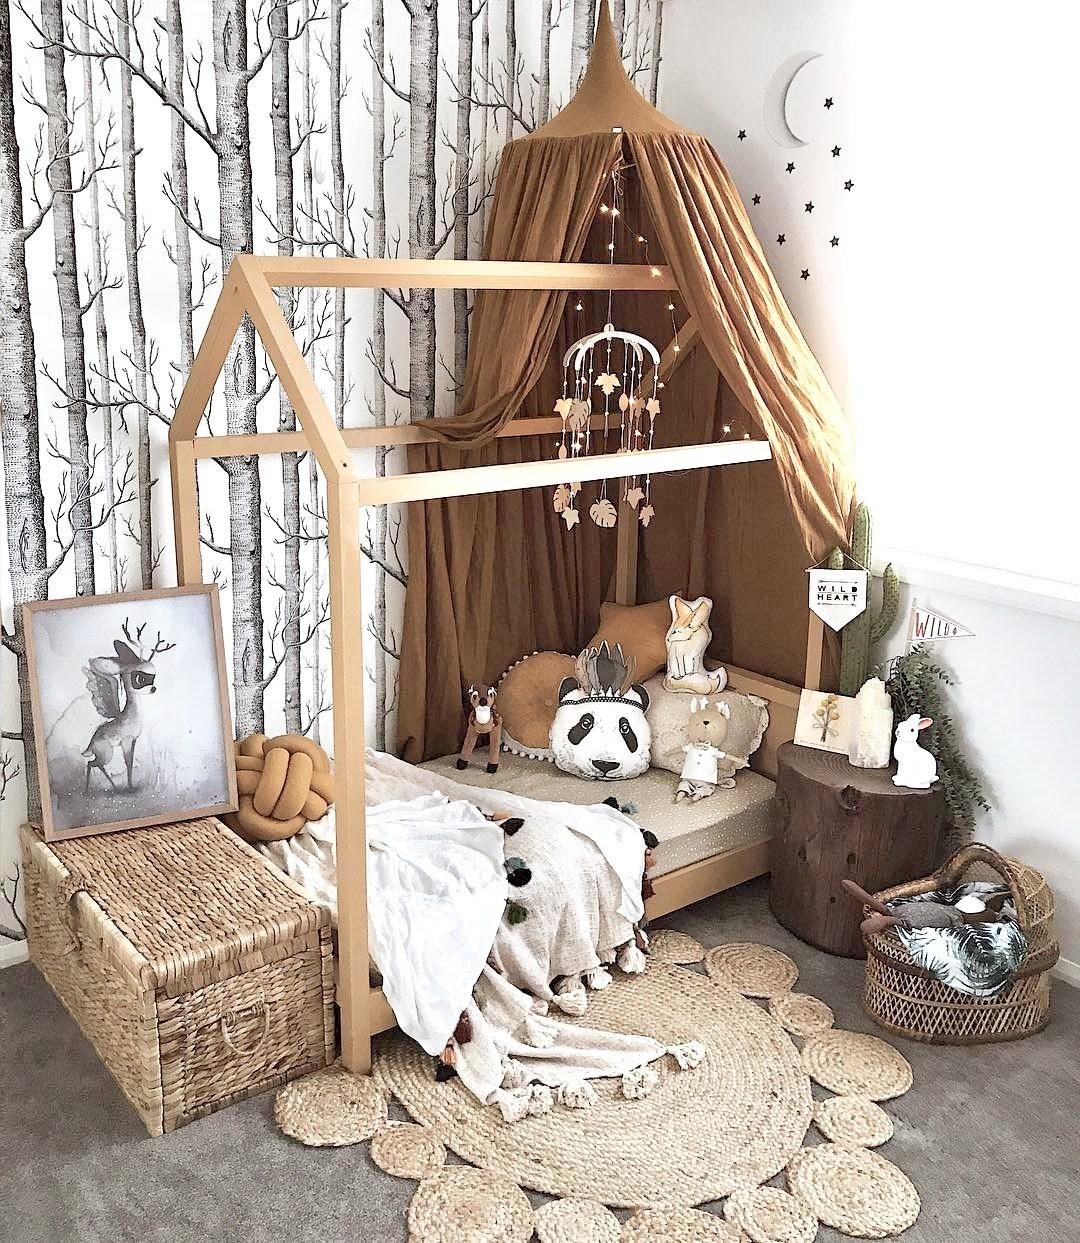 Ý tưởng trang trí phòng bé siêu dễ thương với chất liệu thân thiện môi trường - Ảnh 3.